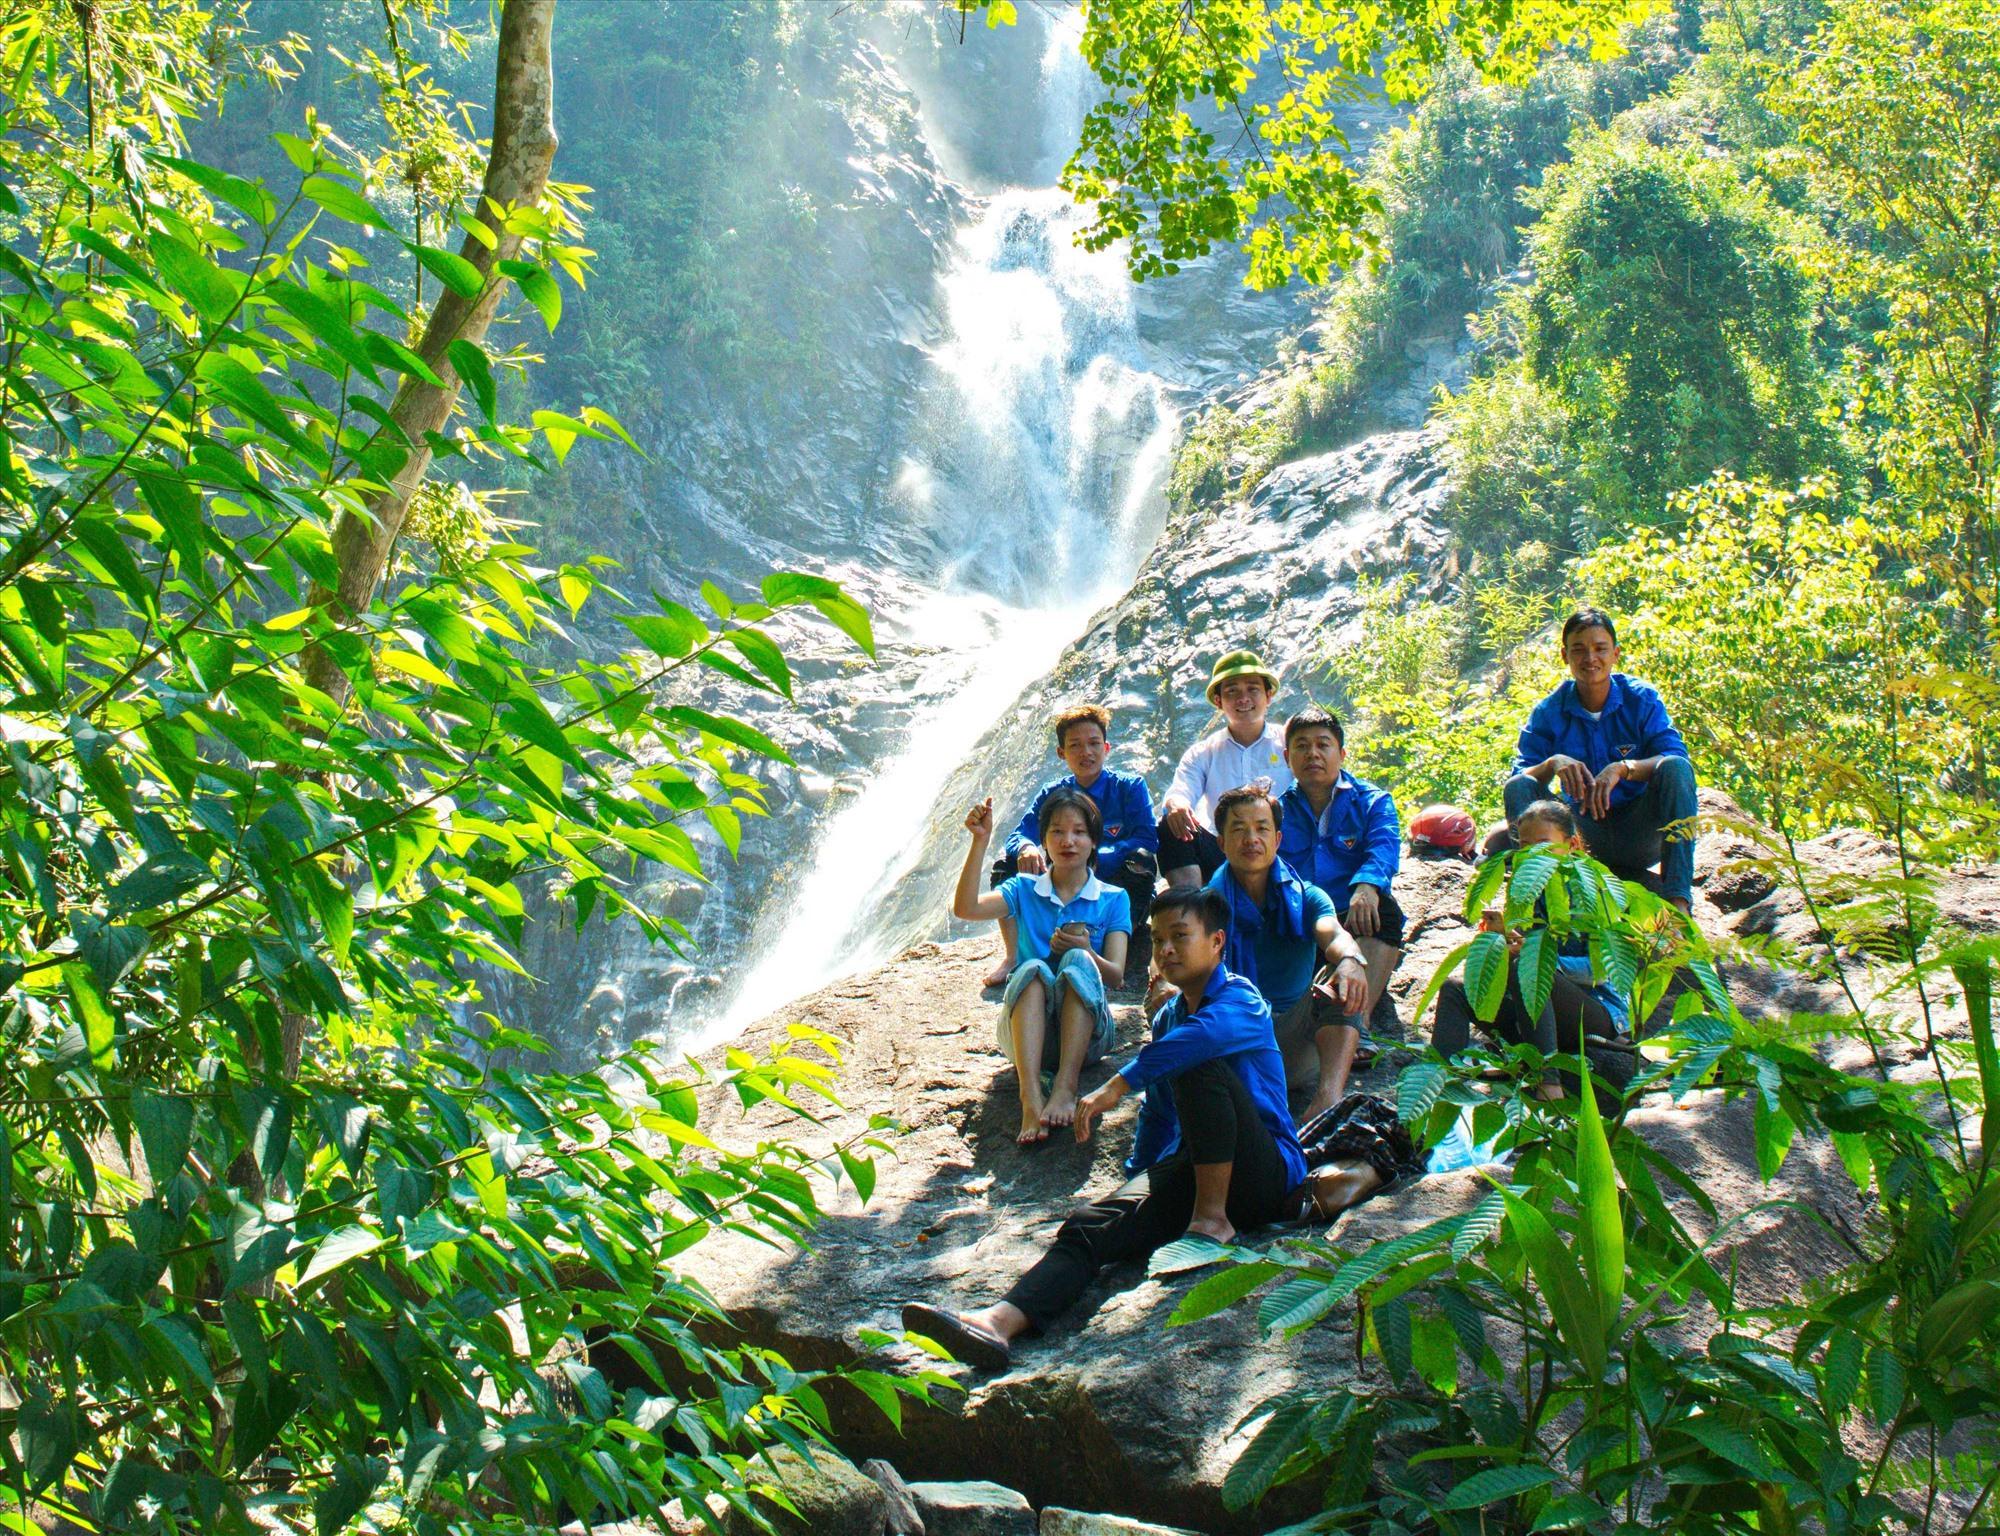 Khảo sát mở tour du lịch tại thác 5 tầng (Trà Giang, Bắc Trà My). Ảnh: N.Đ.N